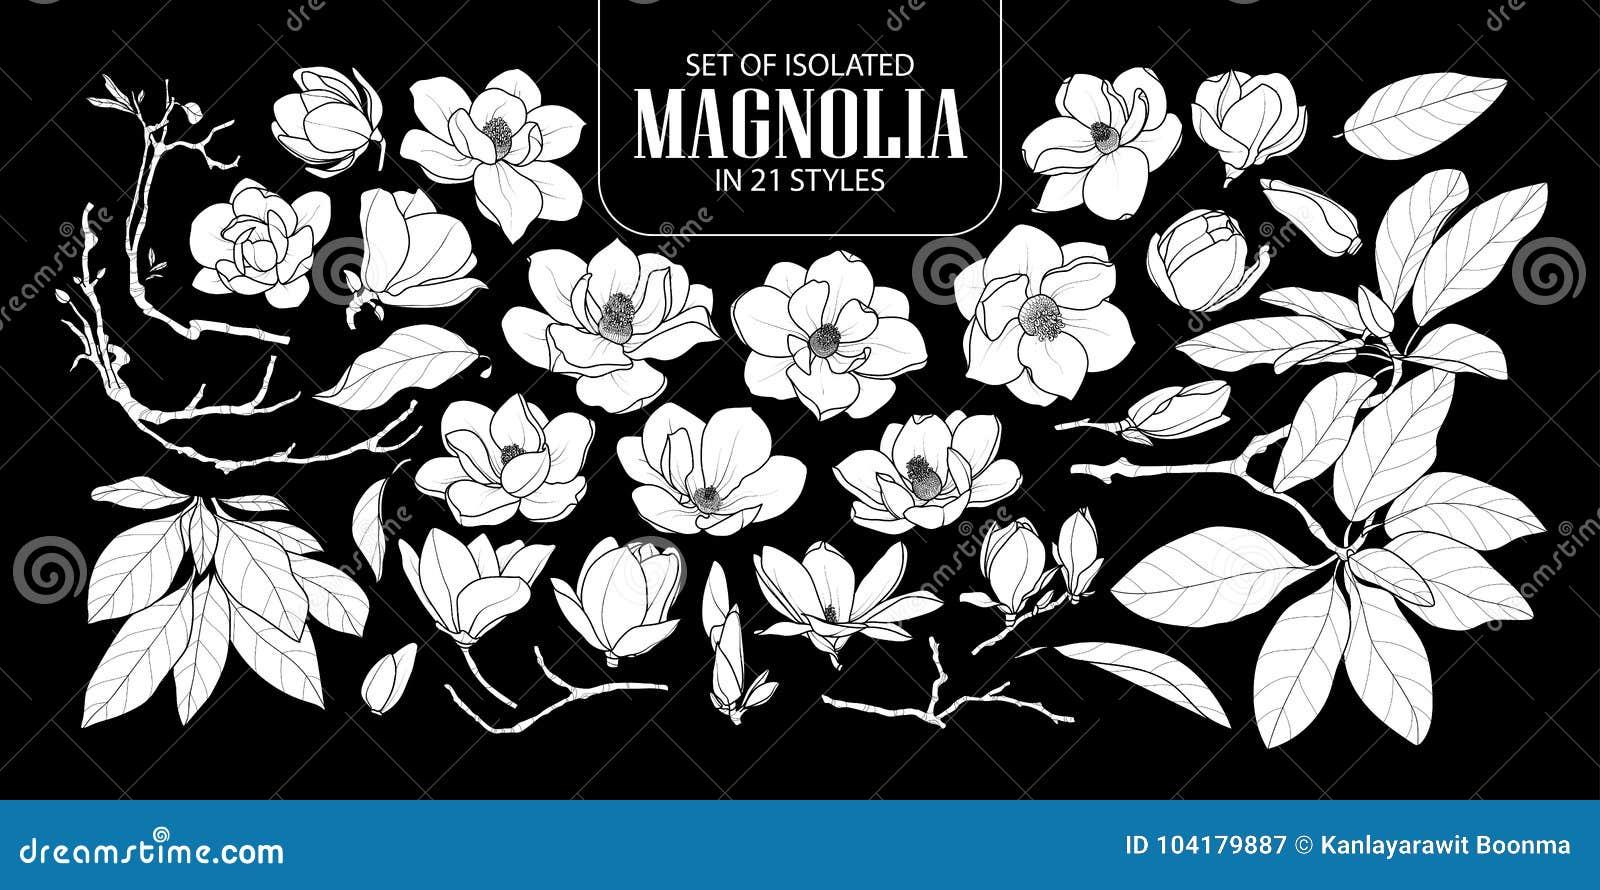 Insieme della magnolia bianca isolata della siluetta in 21 stile Illustrazione disegnata a mano sveglia di vettore del fiore nell